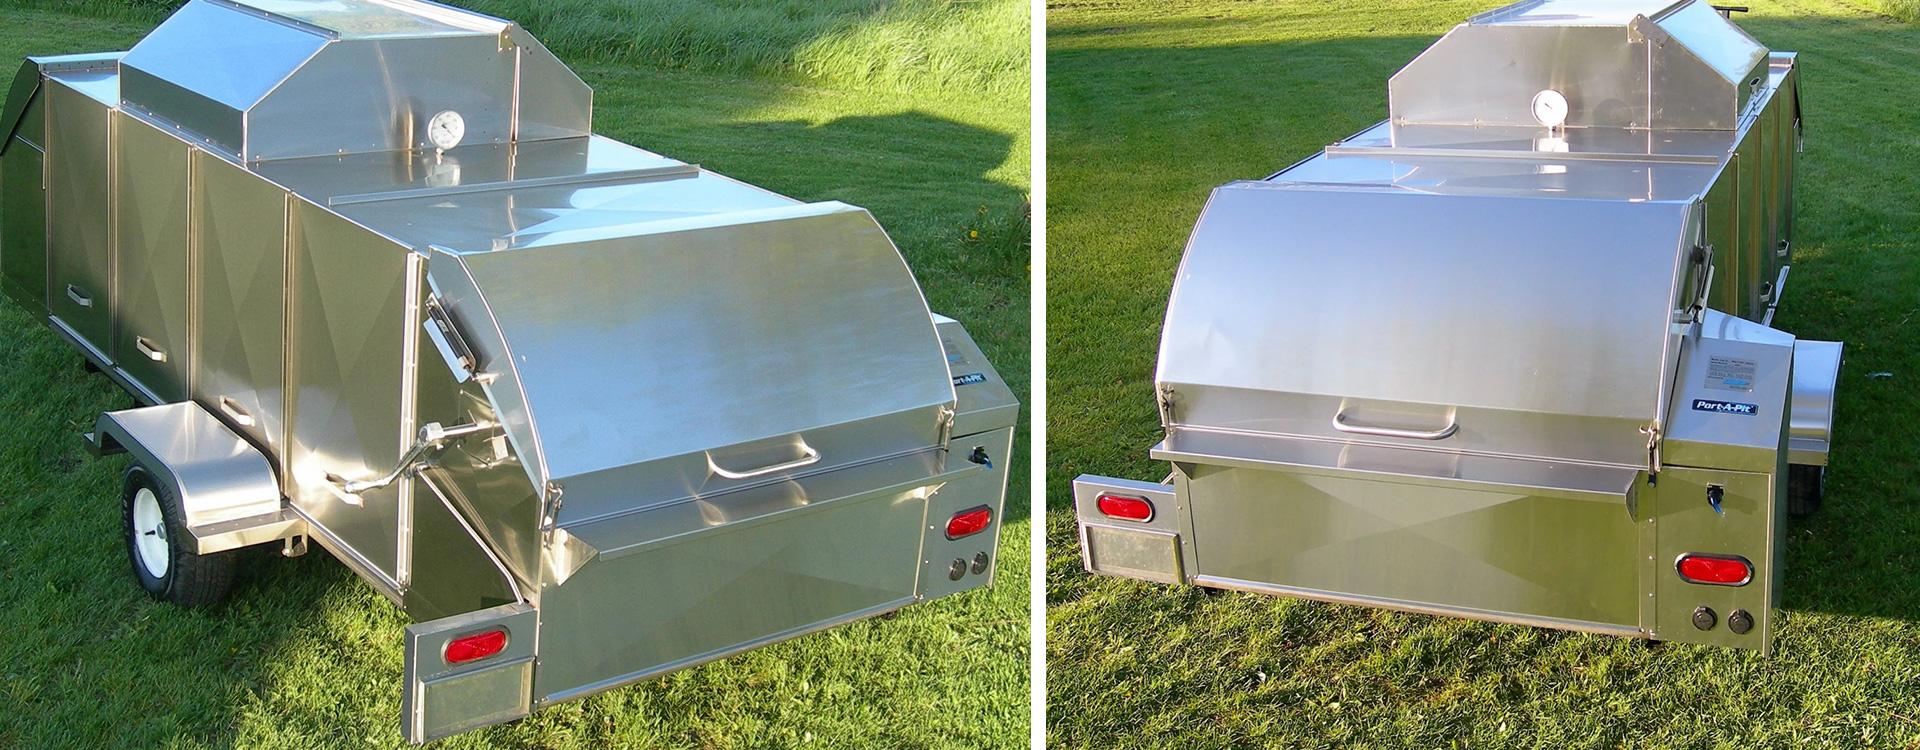 Gorilla Ovens - Rotisserie Broiler Oven